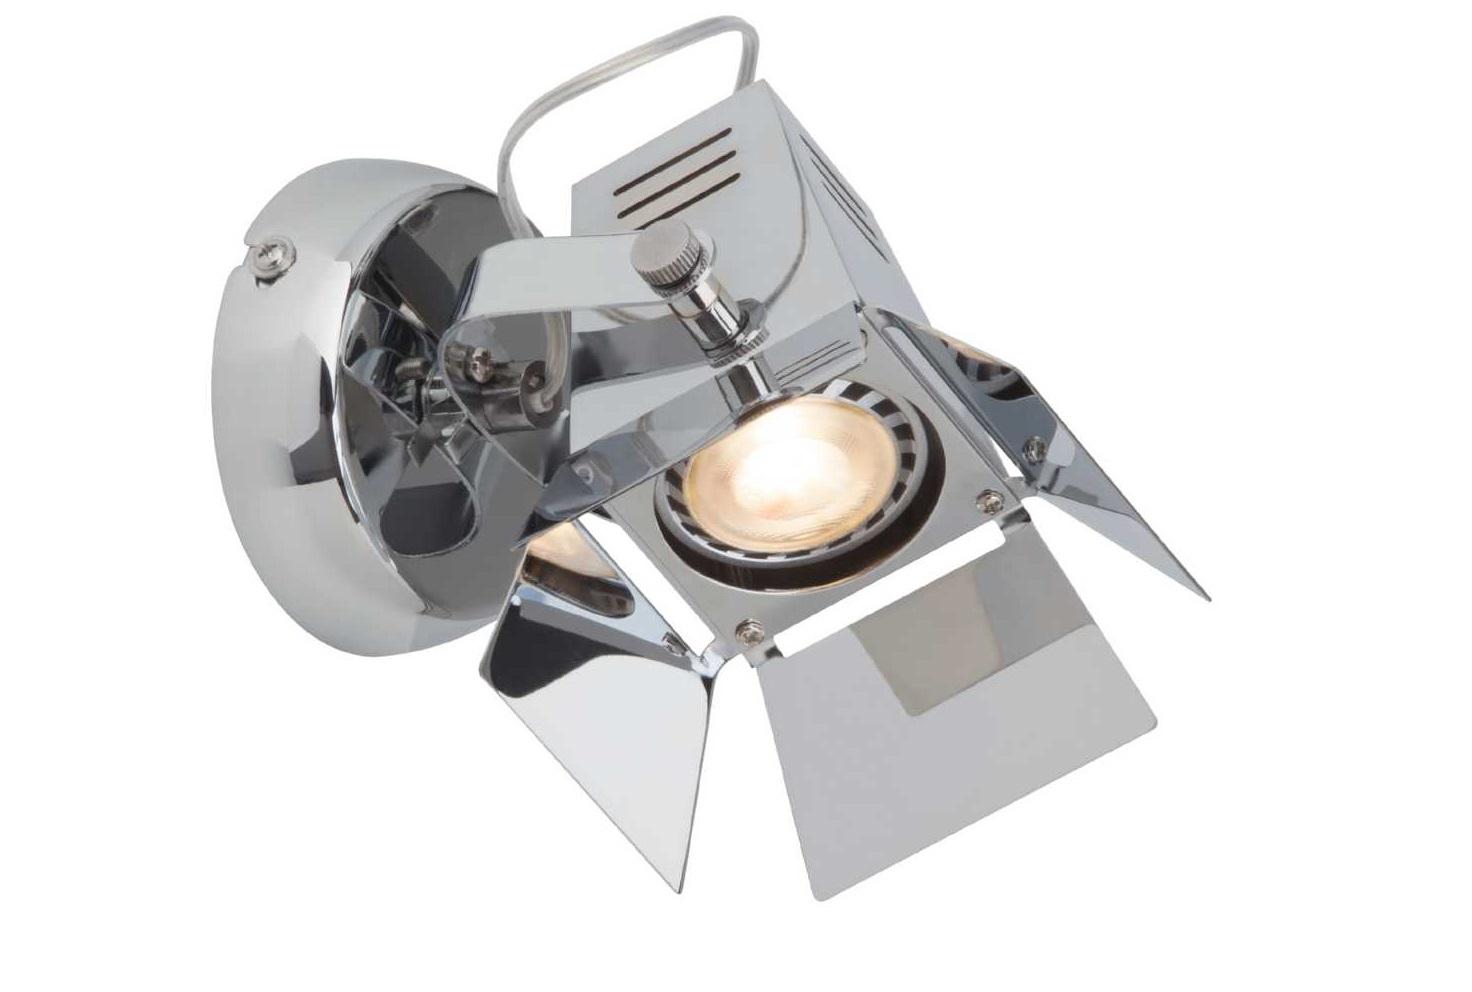 Светильник Movie LEDСпоты<br>&amp;lt;div&amp;gt;Вид цоколя: GU10&amp;lt;/div&amp;gt;&amp;lt;div&amp;gt;Мощность лампы: 5W&amp;lt;/div&amp;gt;&amp;lt;div&amp;gt;Количество ламп: 1&amp;lt;/div&amp;gt;<br><br>Material: Металл<br>Height см: 12,5<br>Diameter см: 15